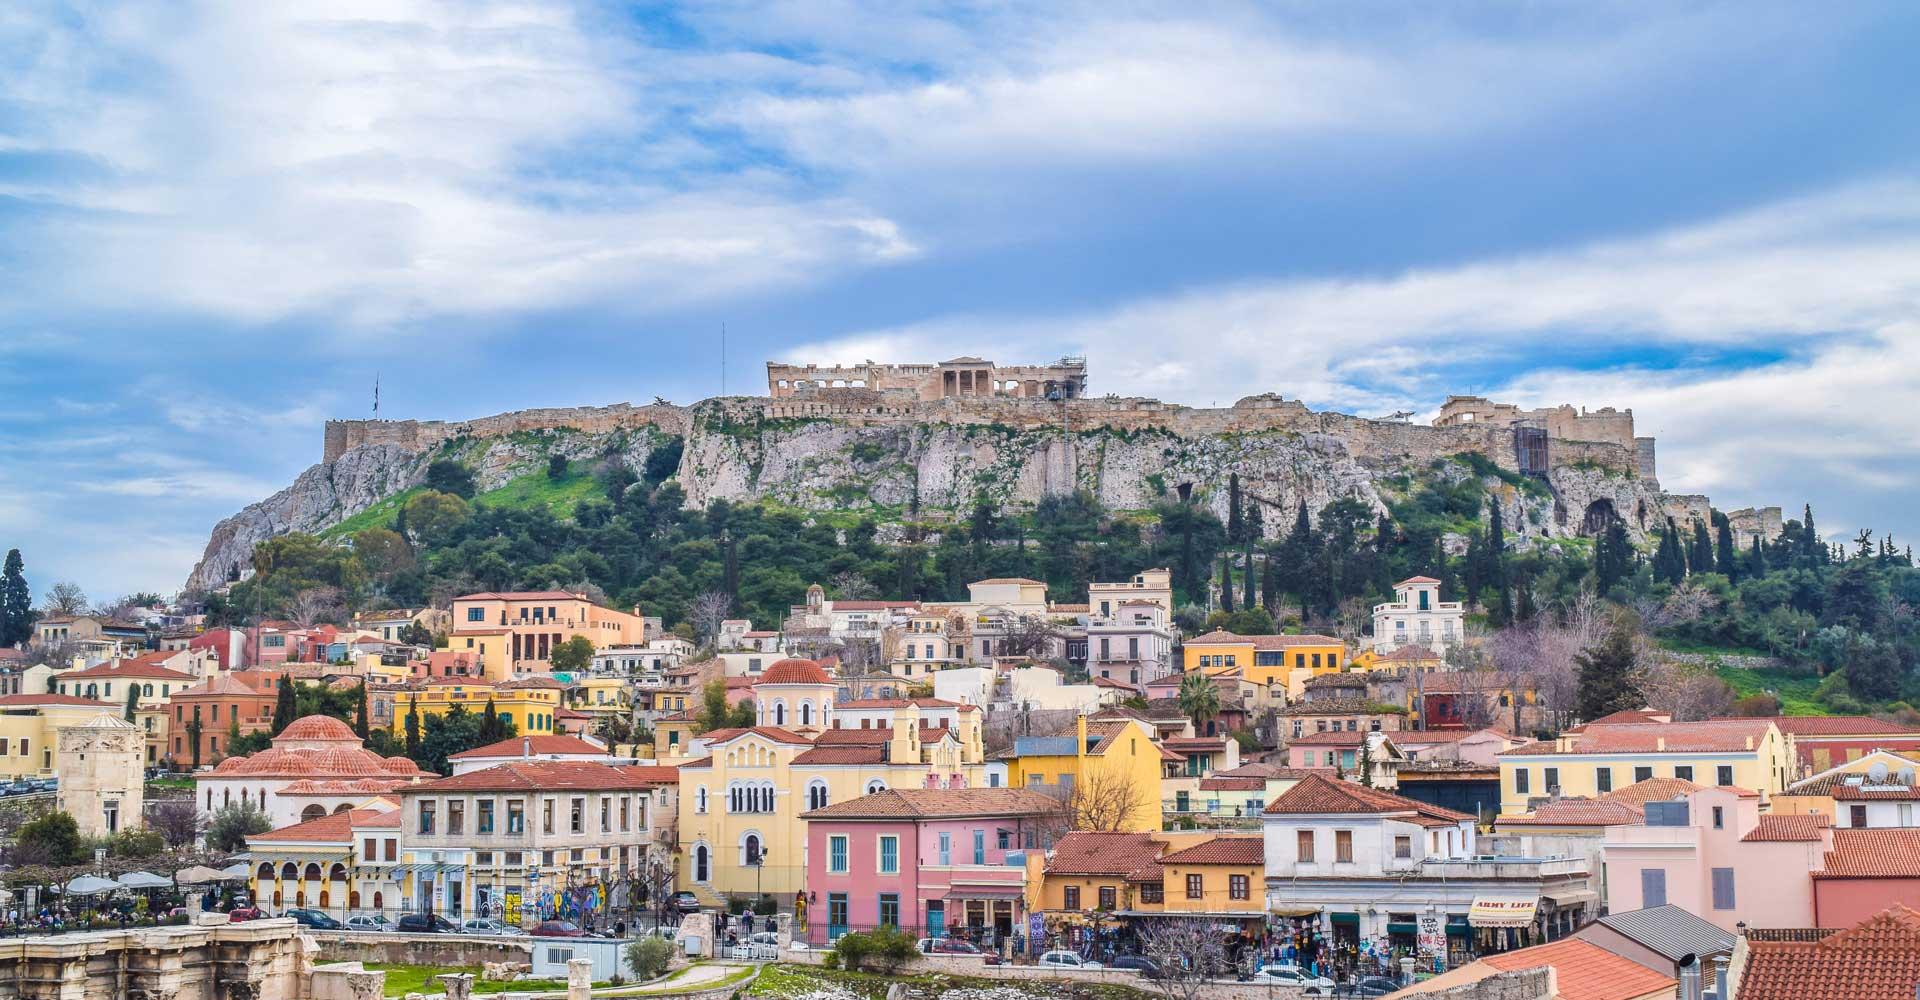 Αθήνα-Μουσείο Ακρόπολης-Πλάκα-Μοναστηράκι 7